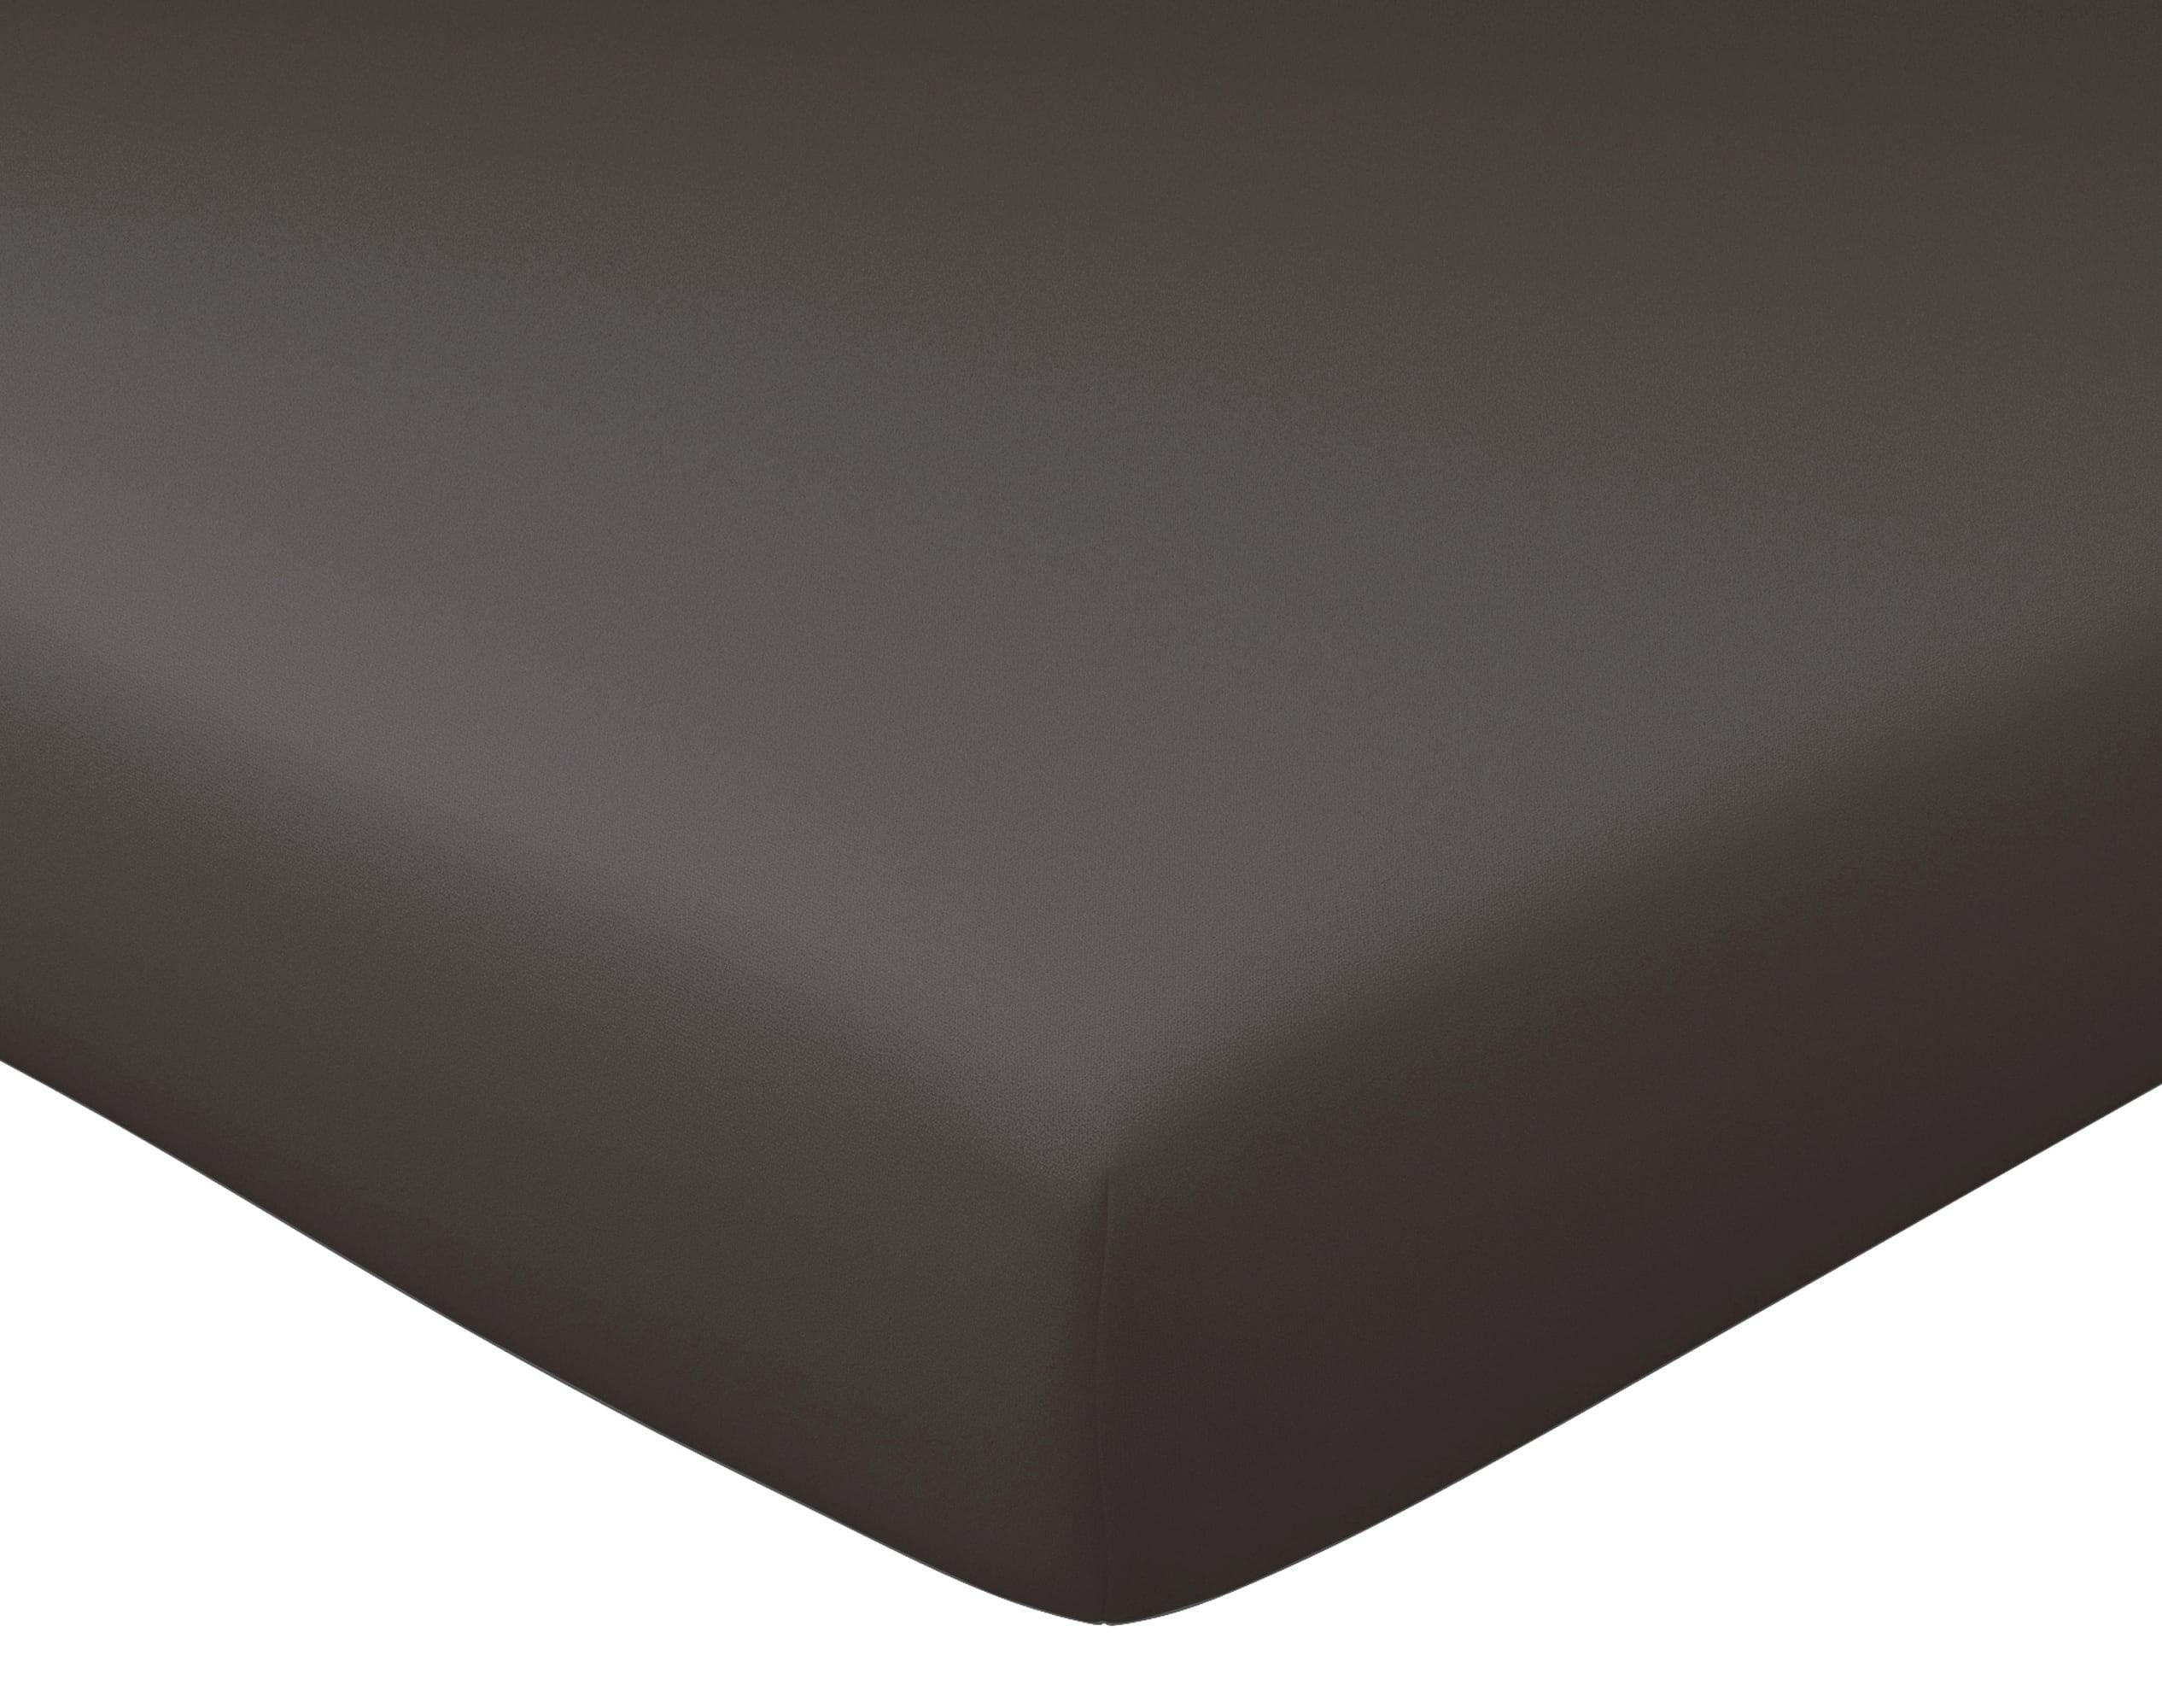 Drap-housse 160x200 en percale de coton  gris souris